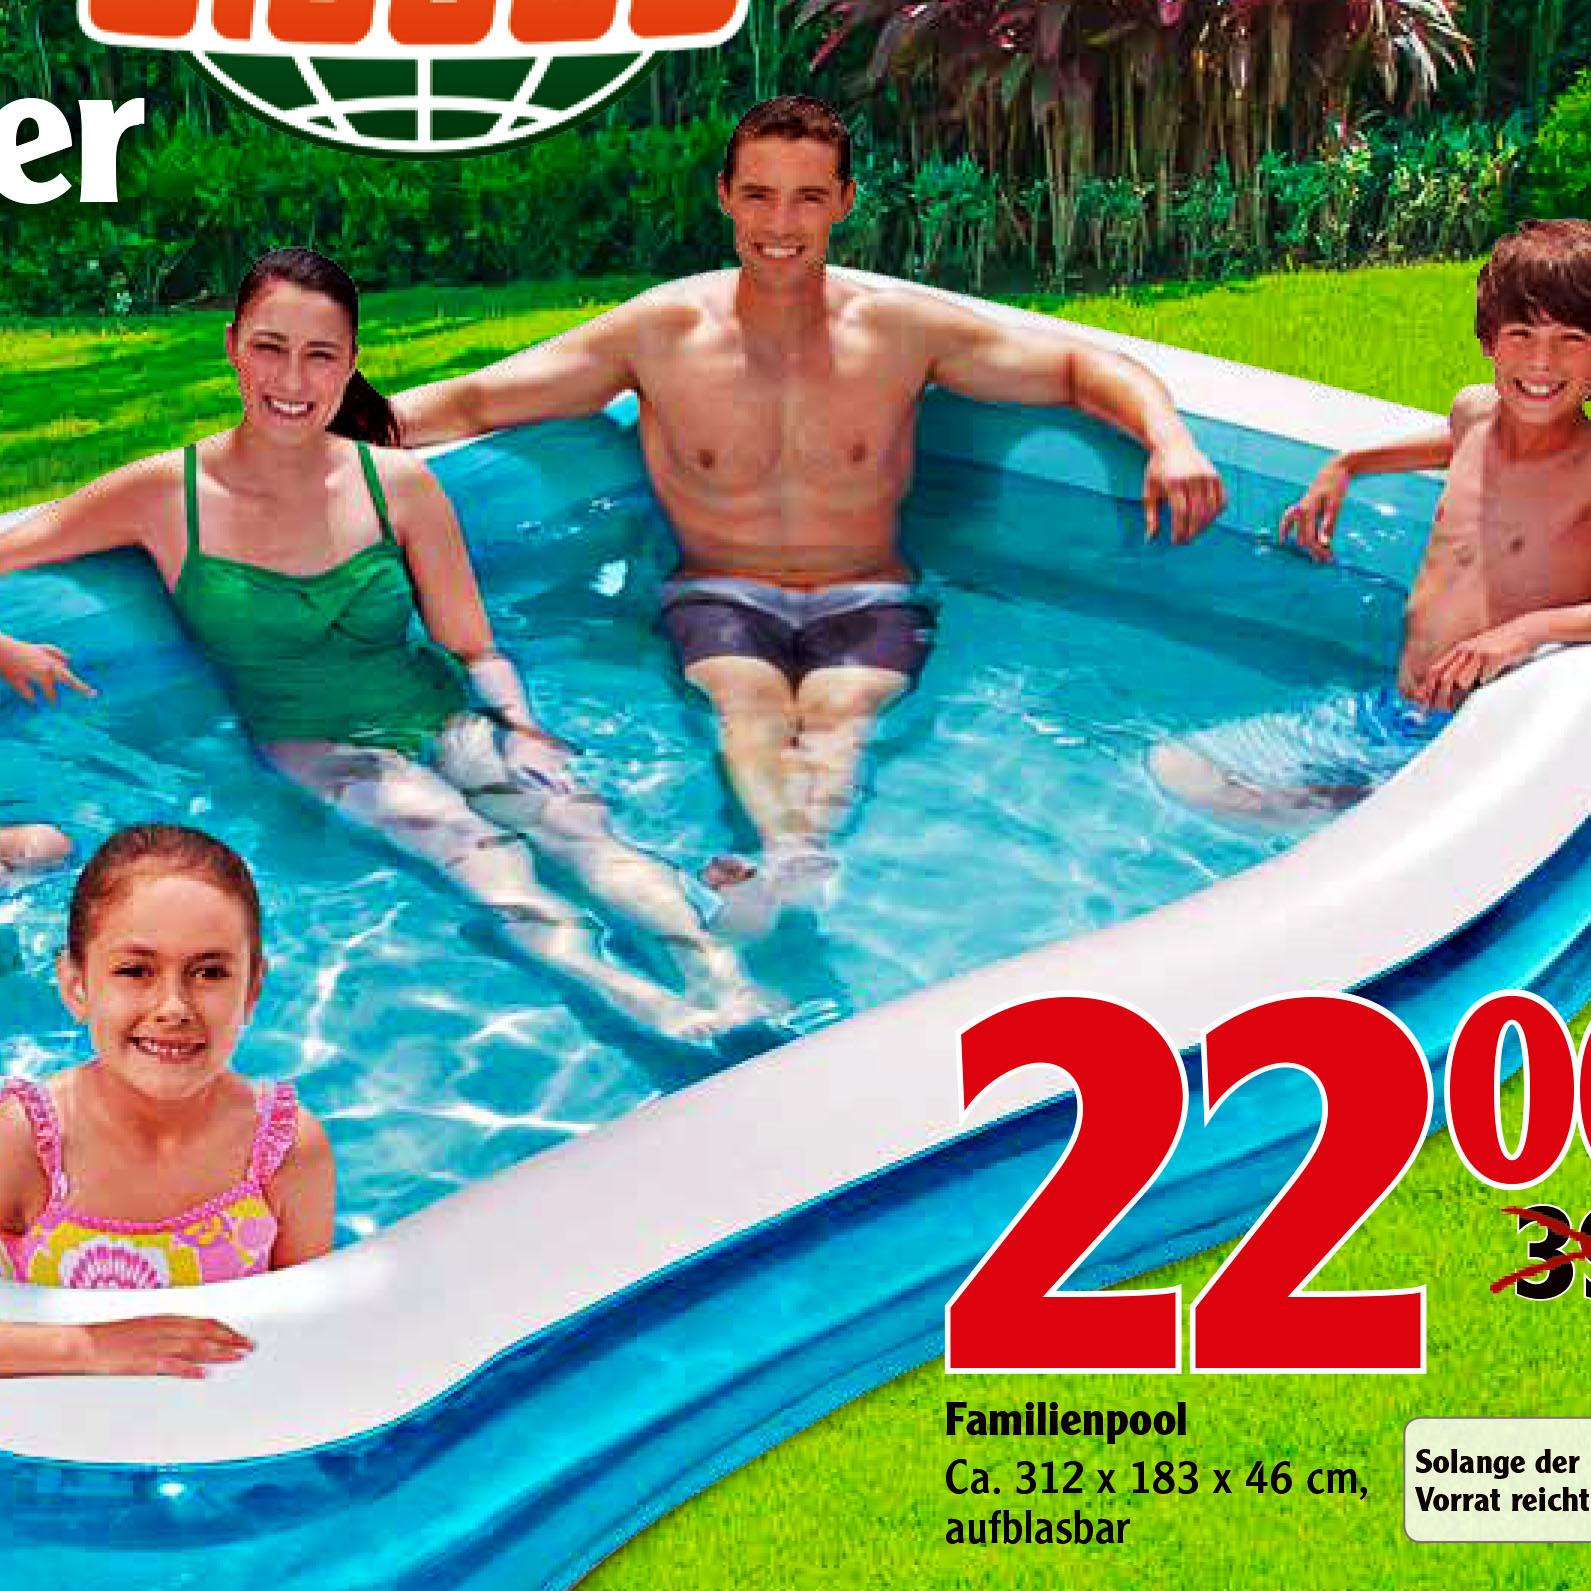 Deutschland lernt schwimmen! Ein Schwimmbecken für nur 22 € bei Globus